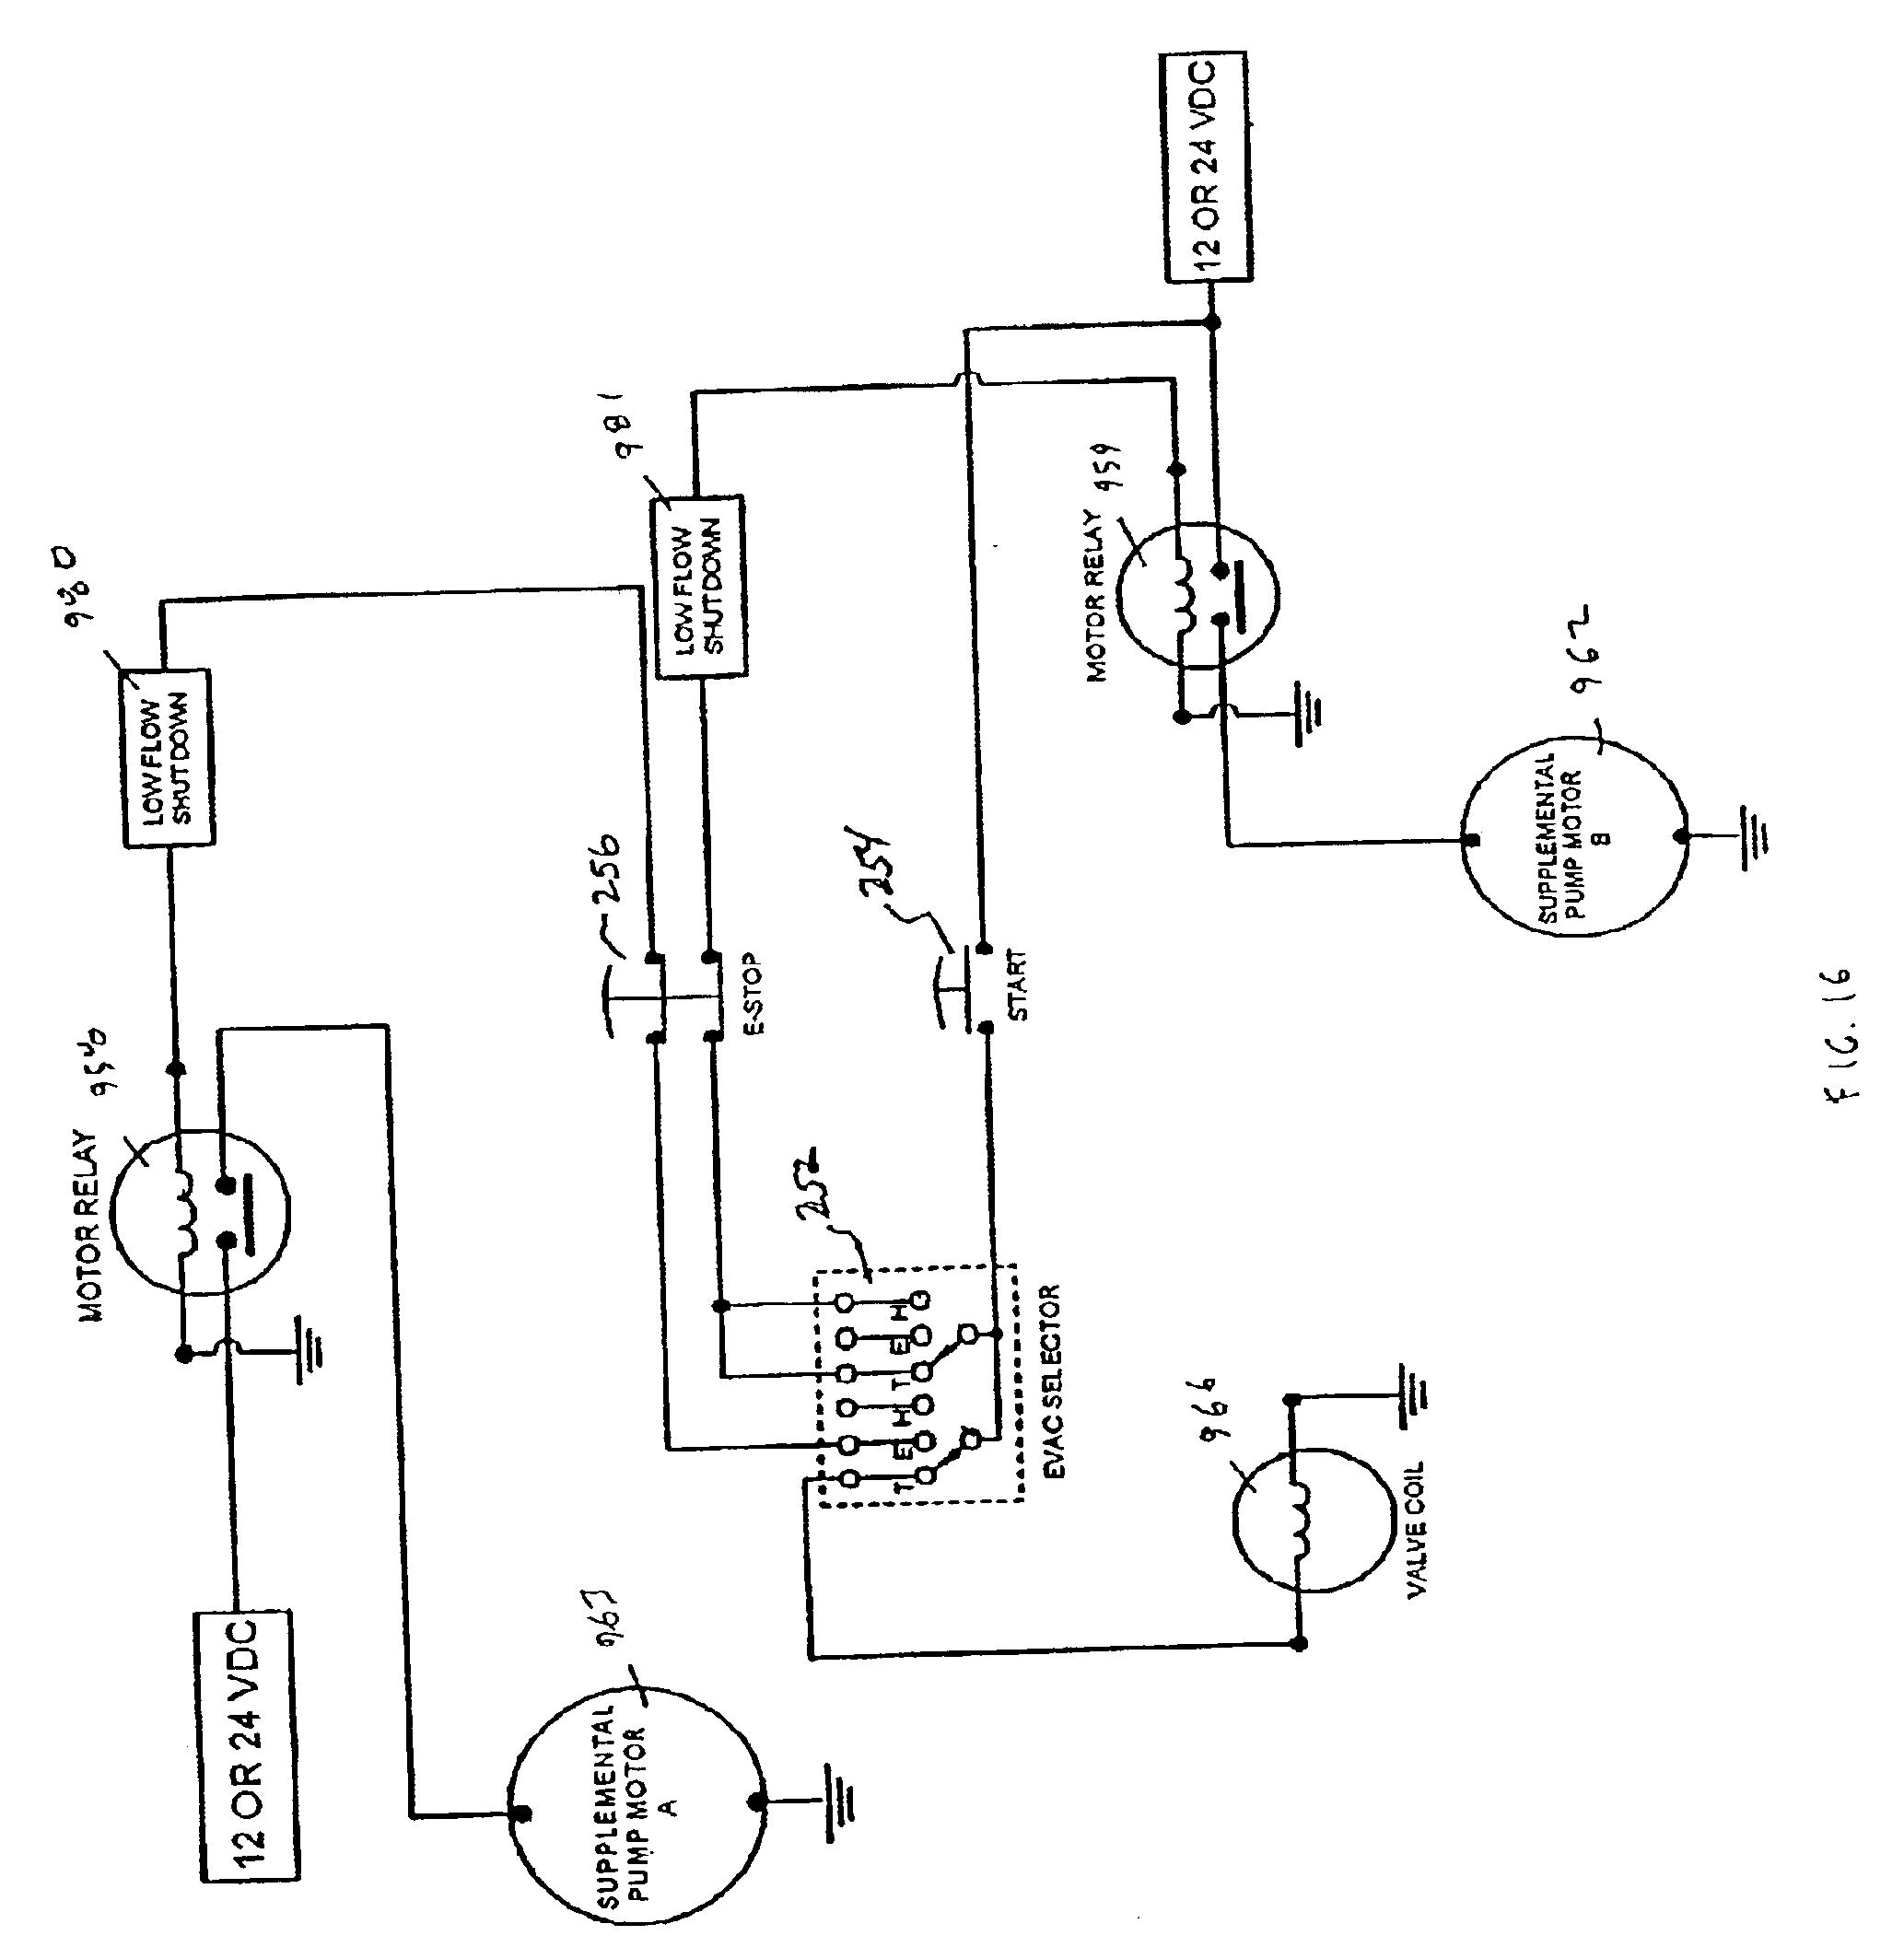 farmall cub hydraulic diagram